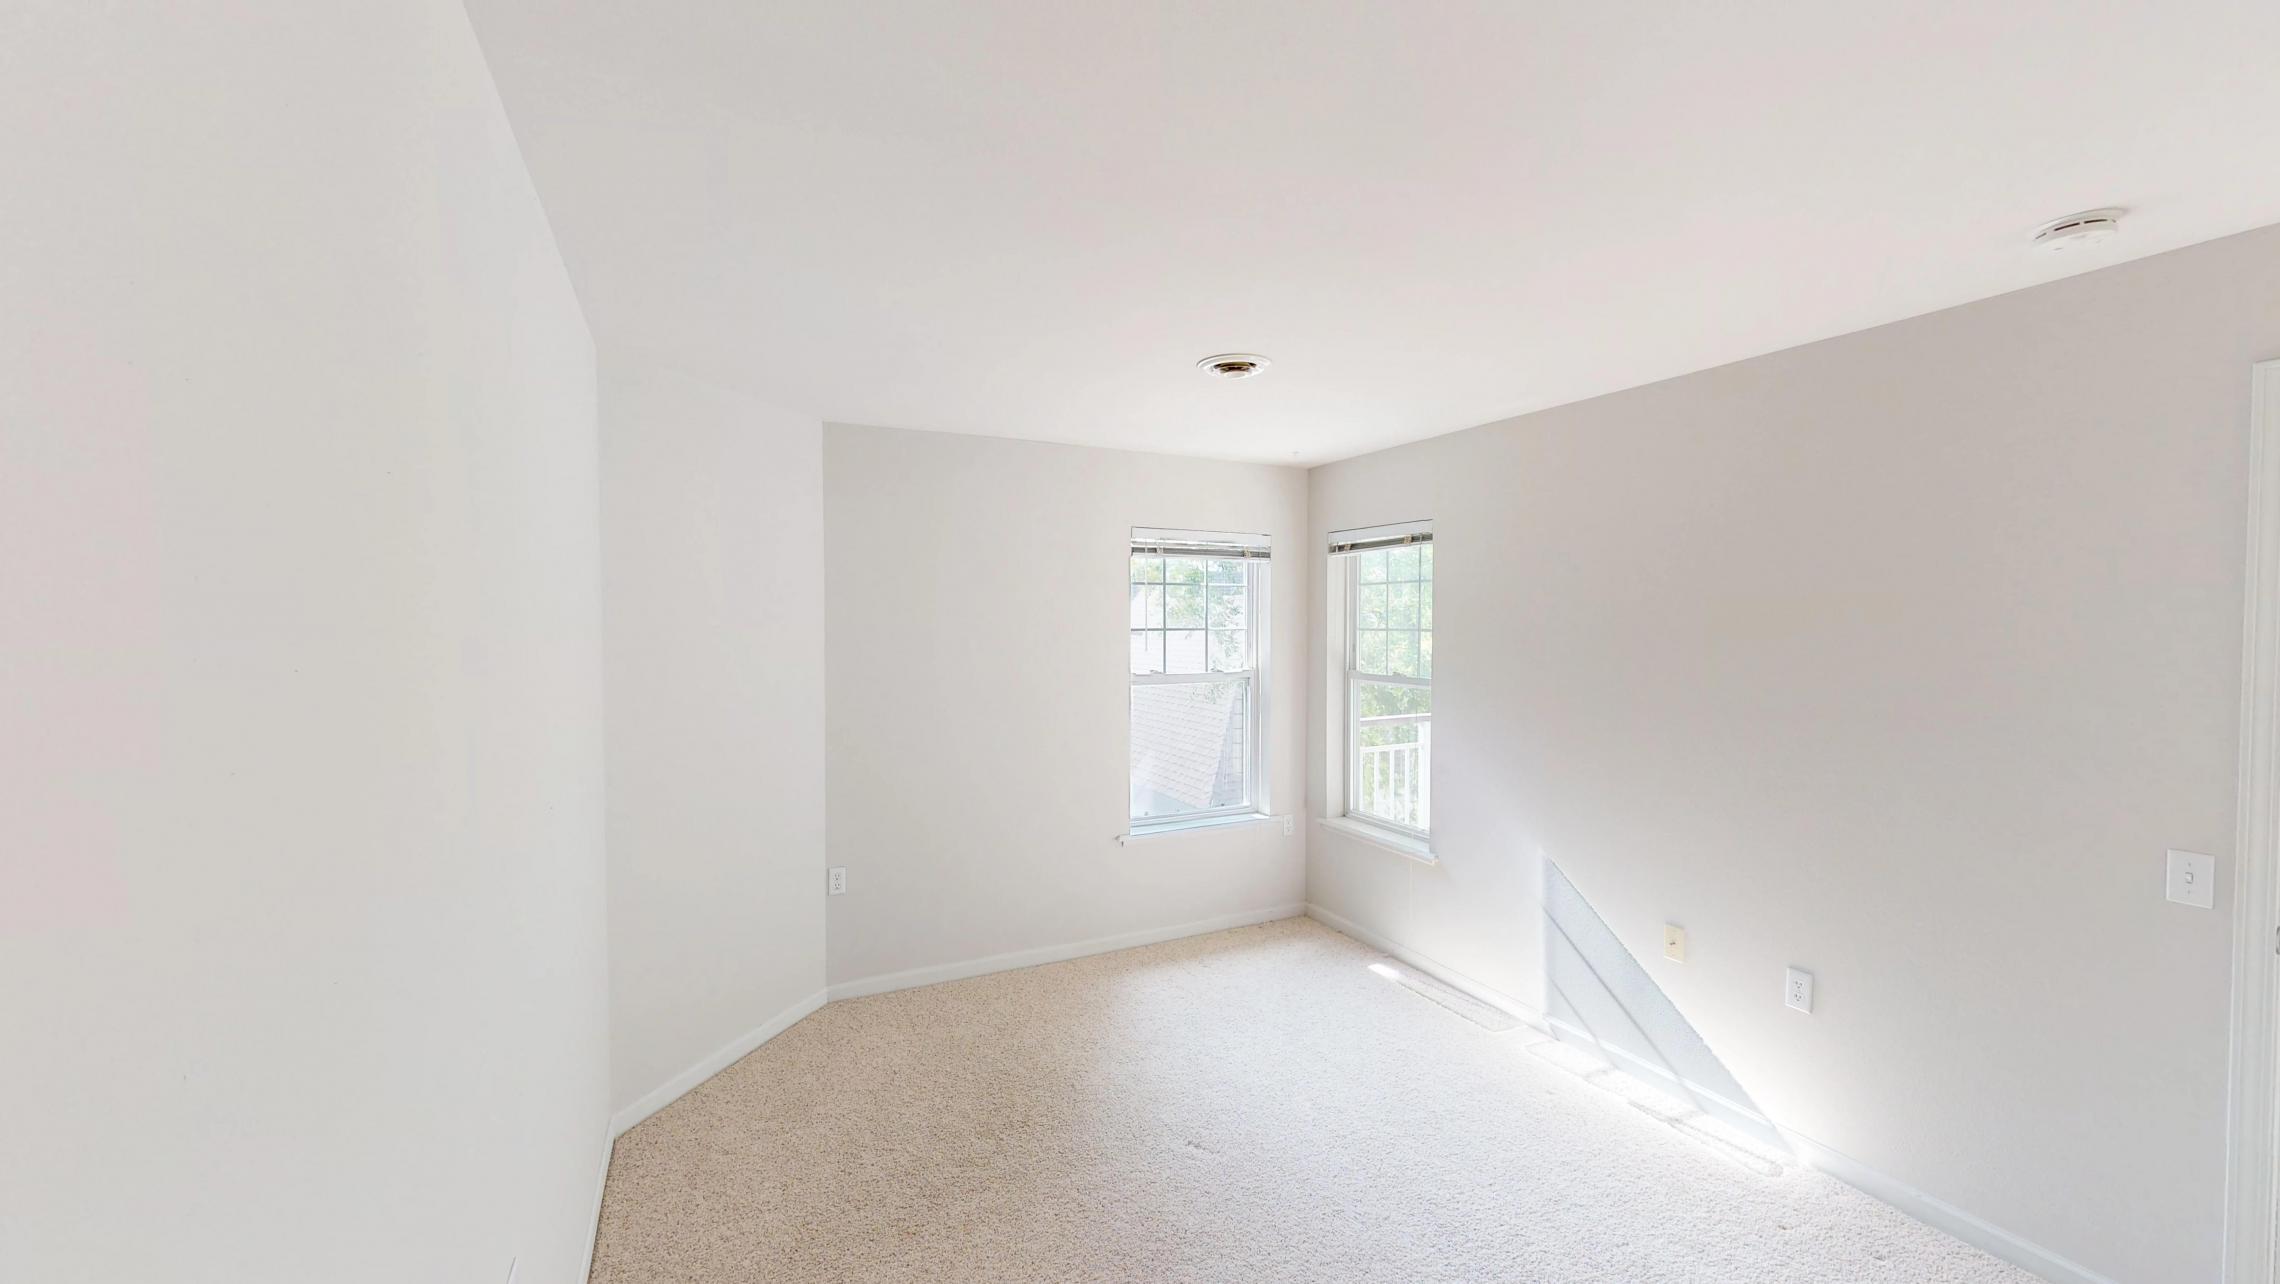 Wilson-Bay-Apartments-303-one bedroom-bedroom-corner-downtown-balcony